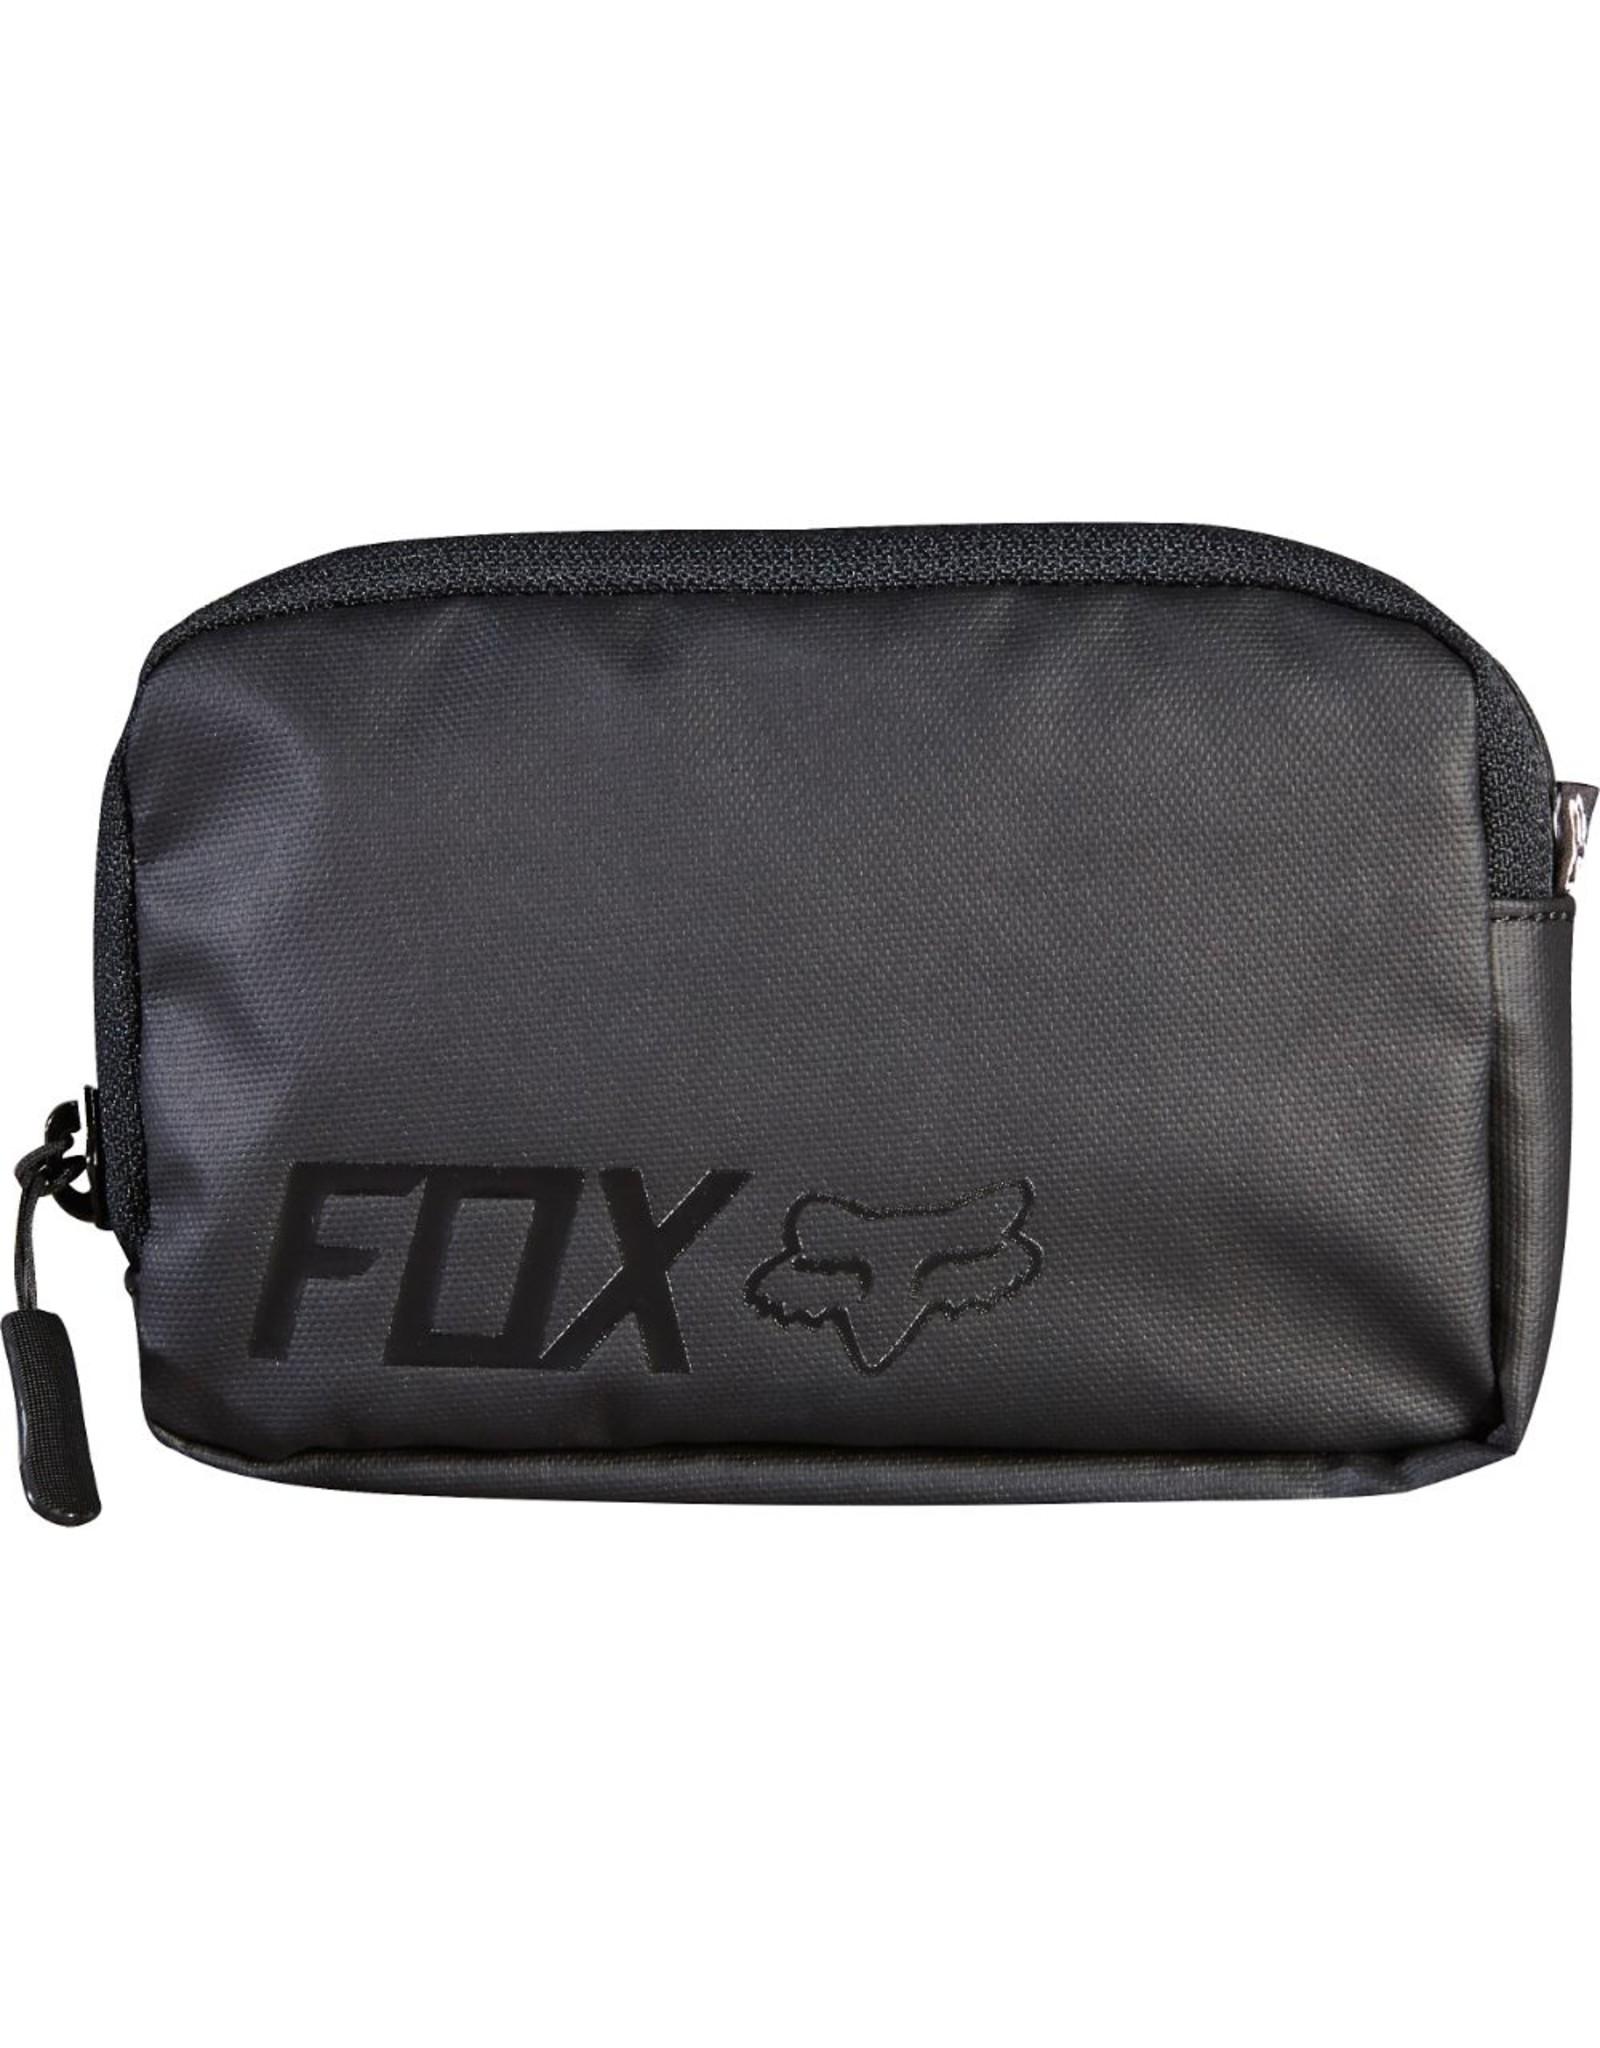 Fox Pocket Case